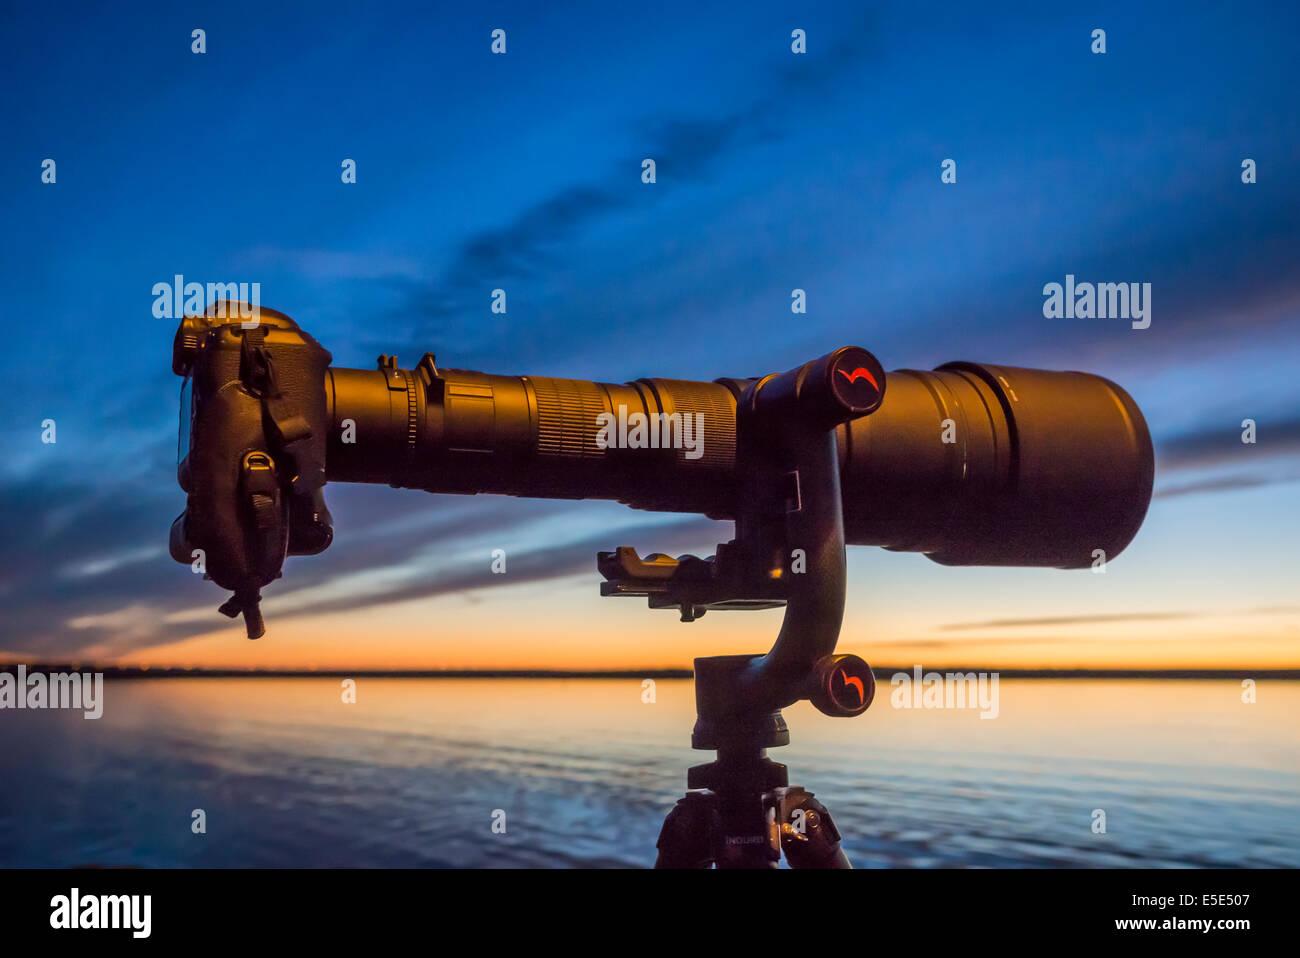 Sigmonster 200-800 mm teleobiettivo con zoom. Immagini Stock